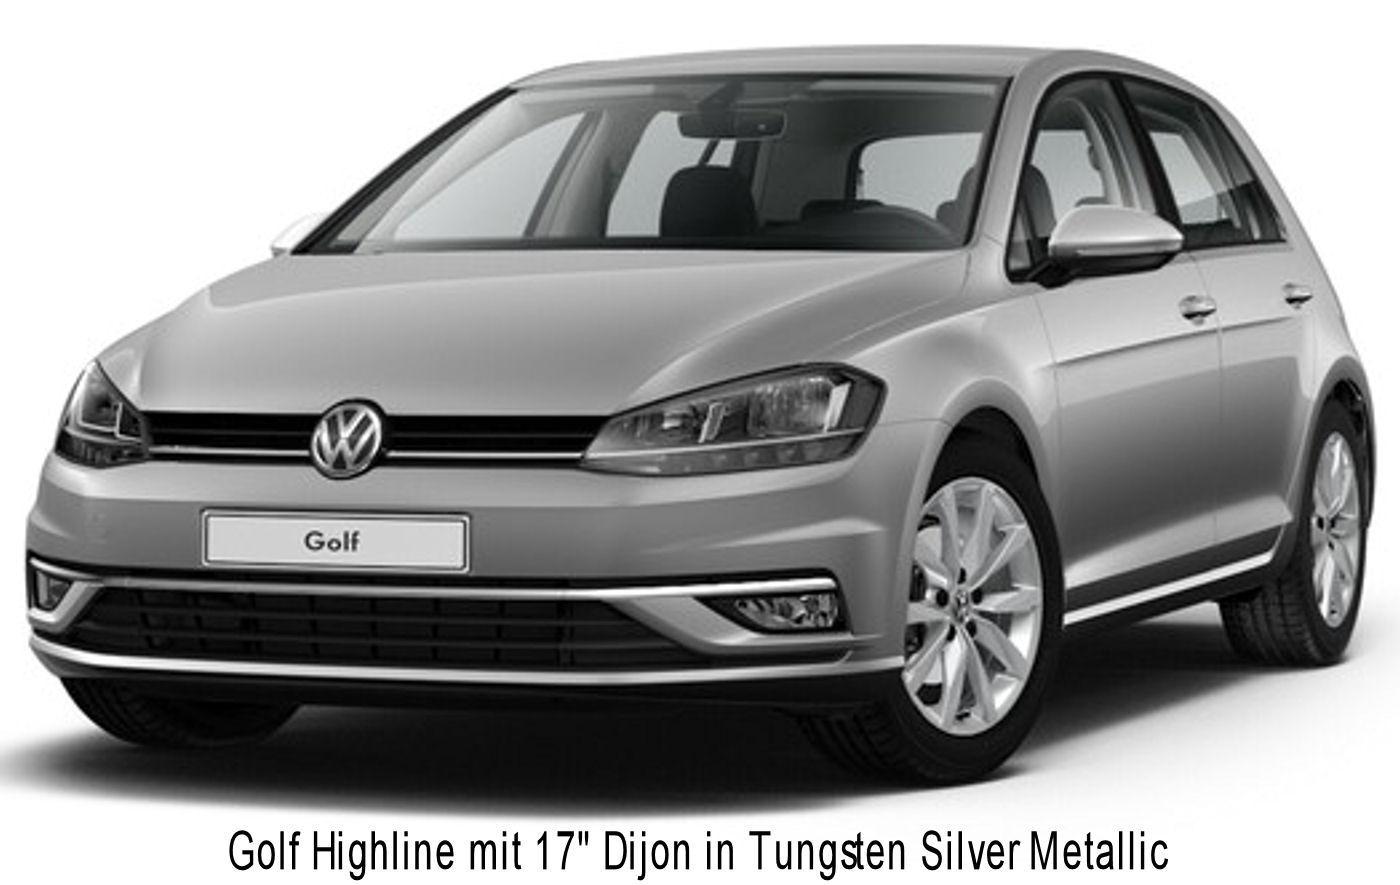 Volkswagen Golf Highline 14 Tsi 125 Ps Dsg Led Scheinwerfer